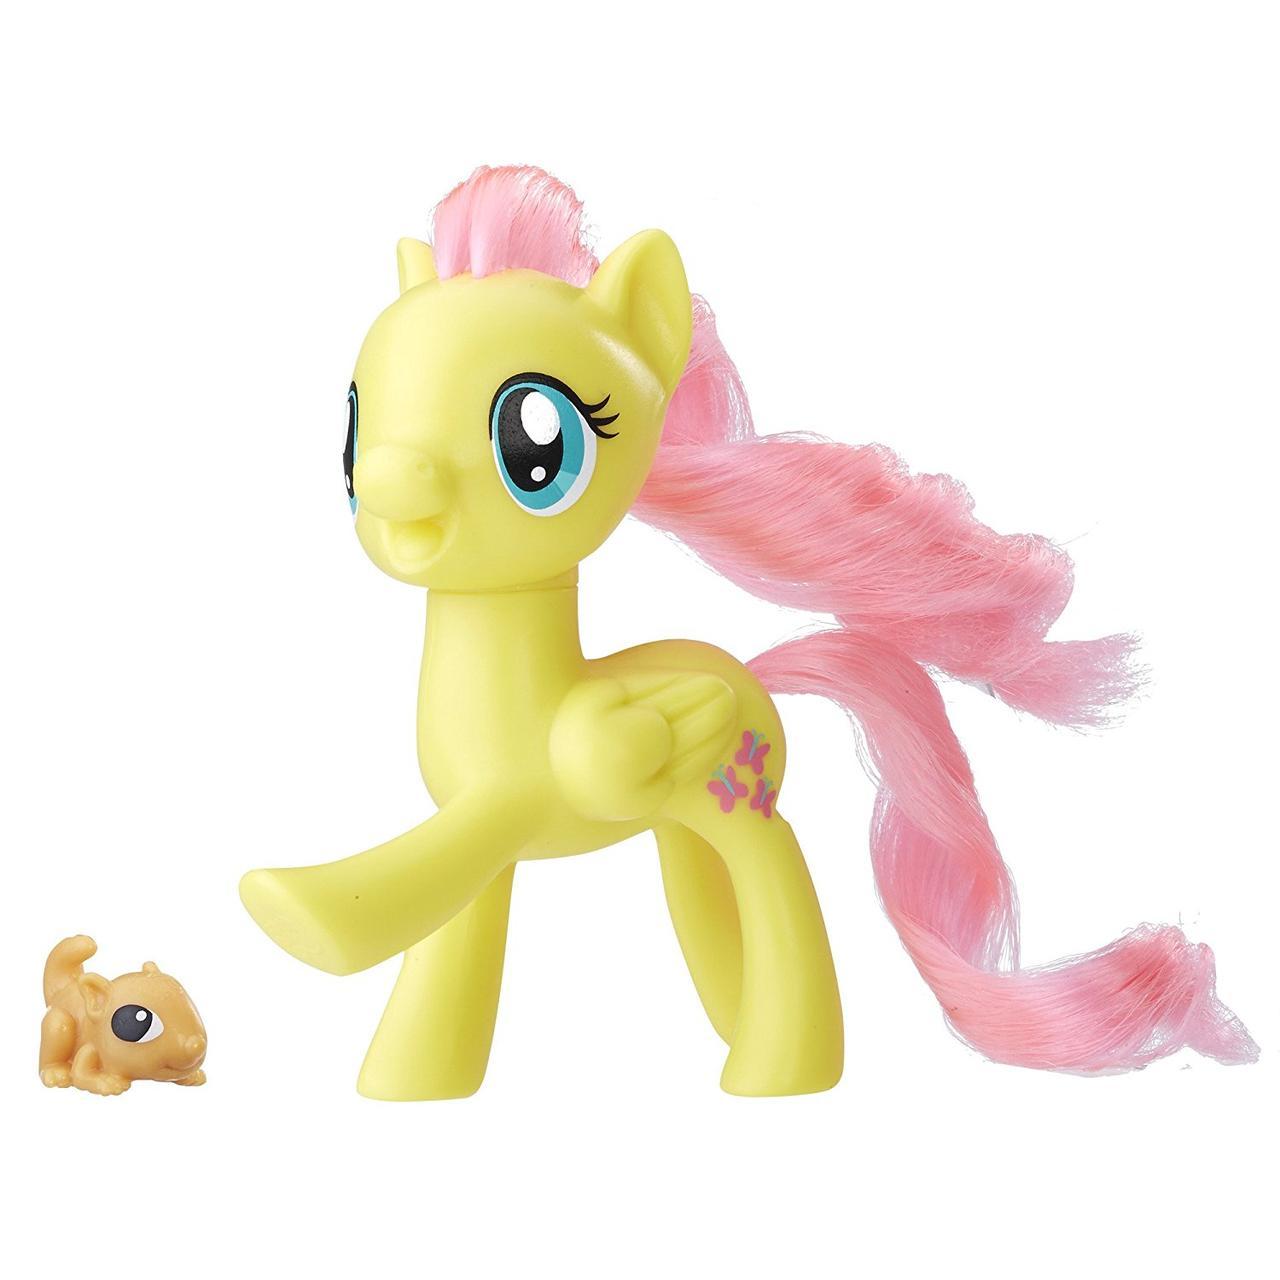 Май литл пони Флаттершай из серии Пони-подружки. Оригинал Hasbro C1141/B8924